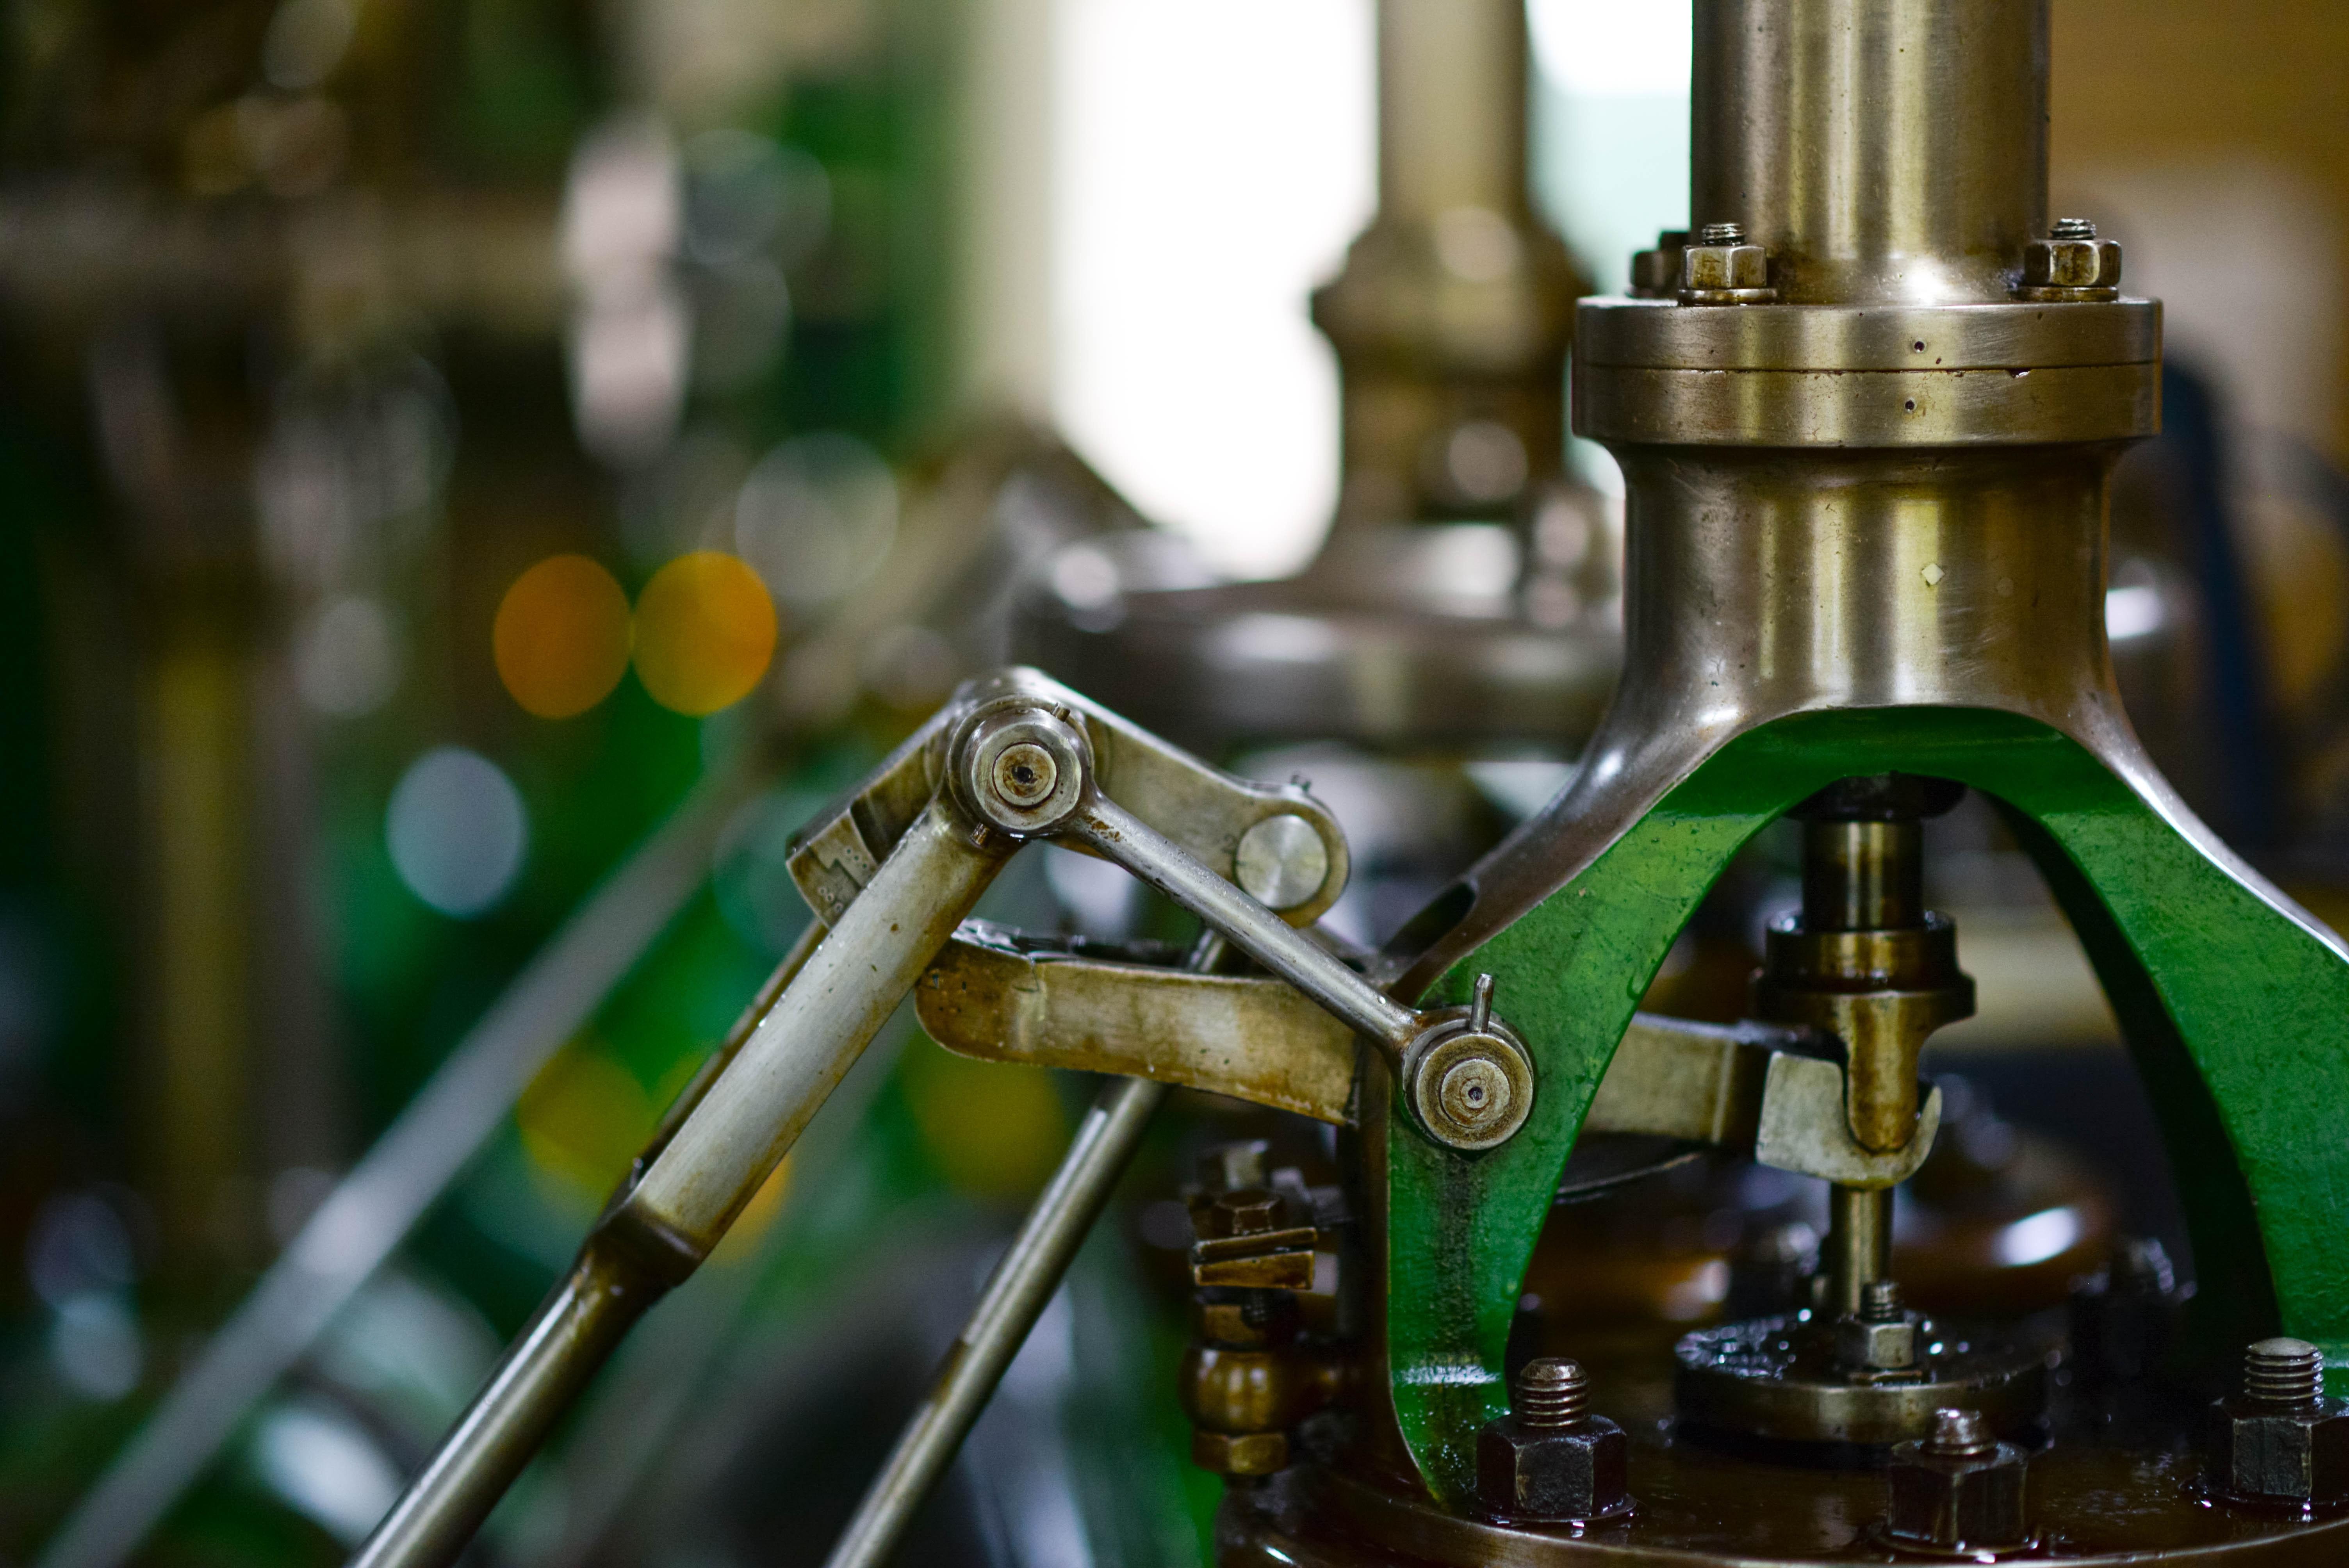 Desenvolvimento de maquinas